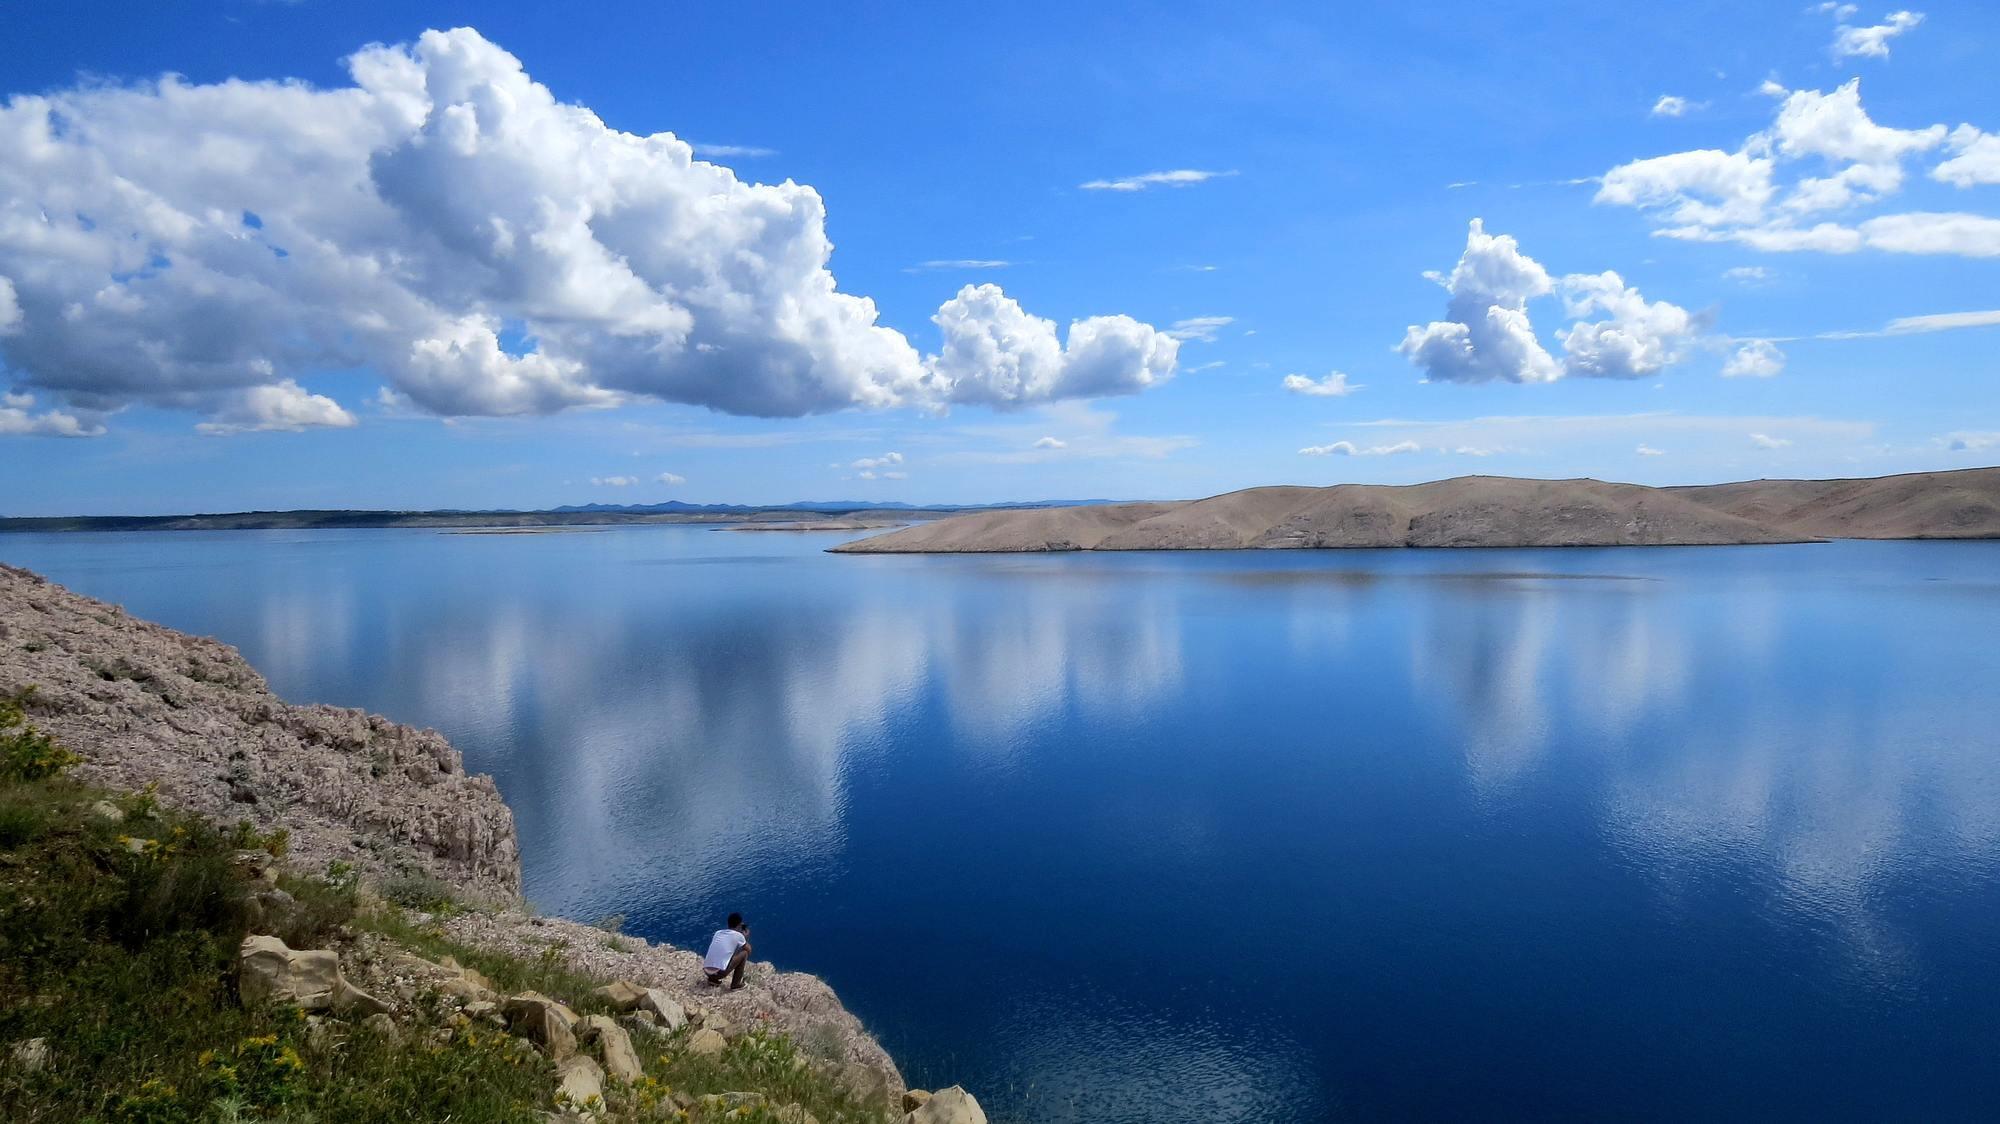 Hình ảnh mây trắng và bầu trời xanh